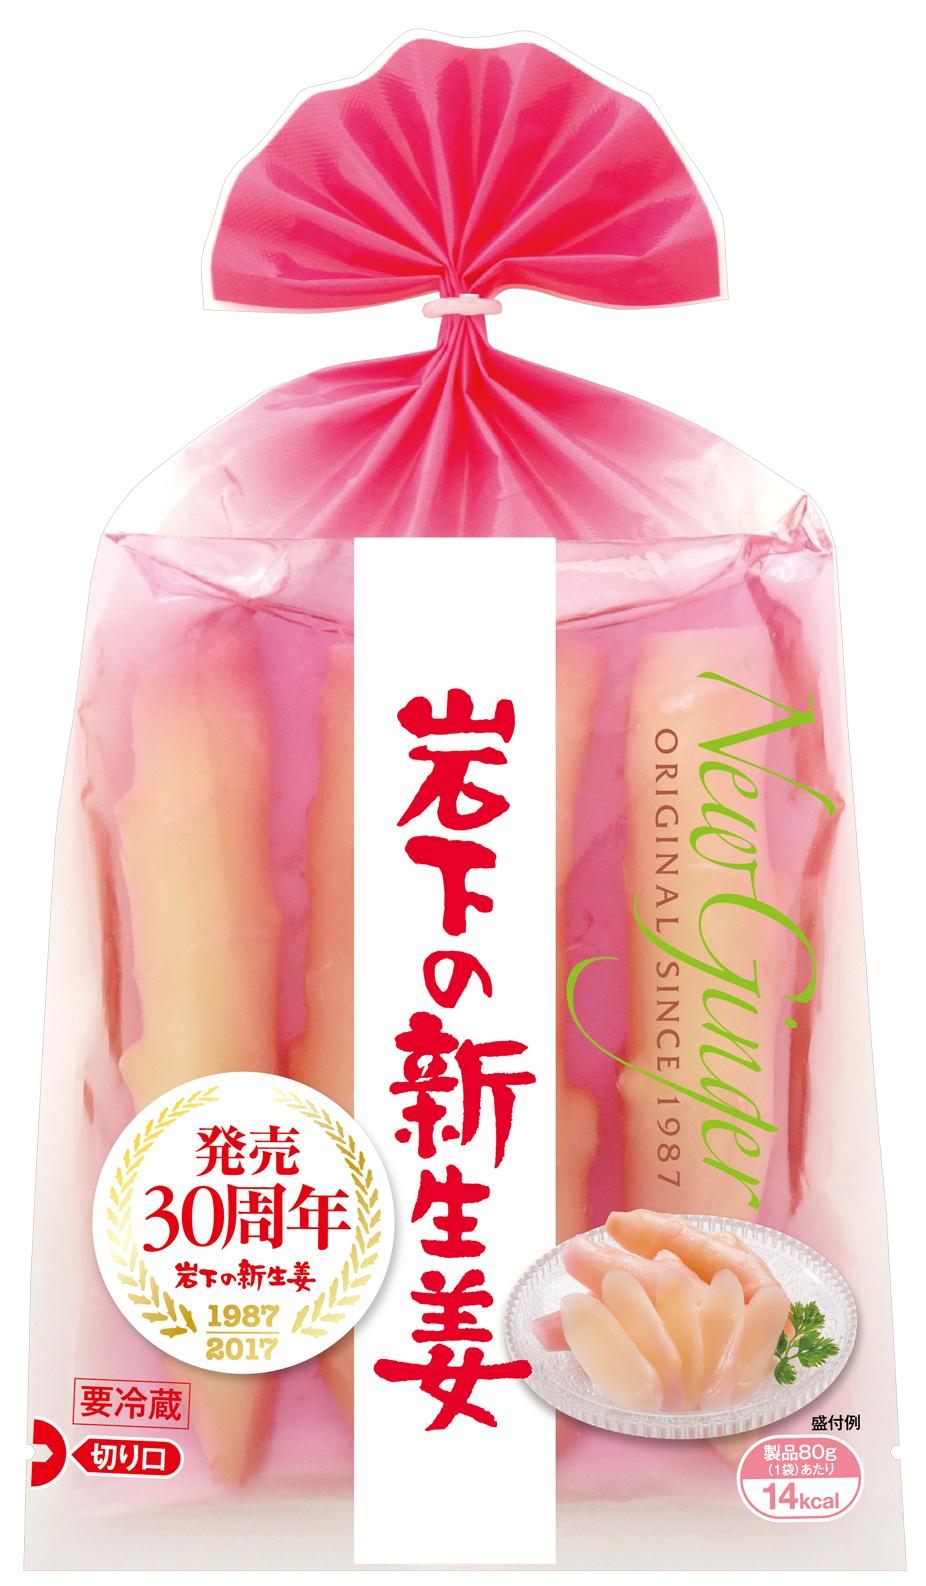 『岩下の新生姜』商品パッケージ(30周年記念デザイン)